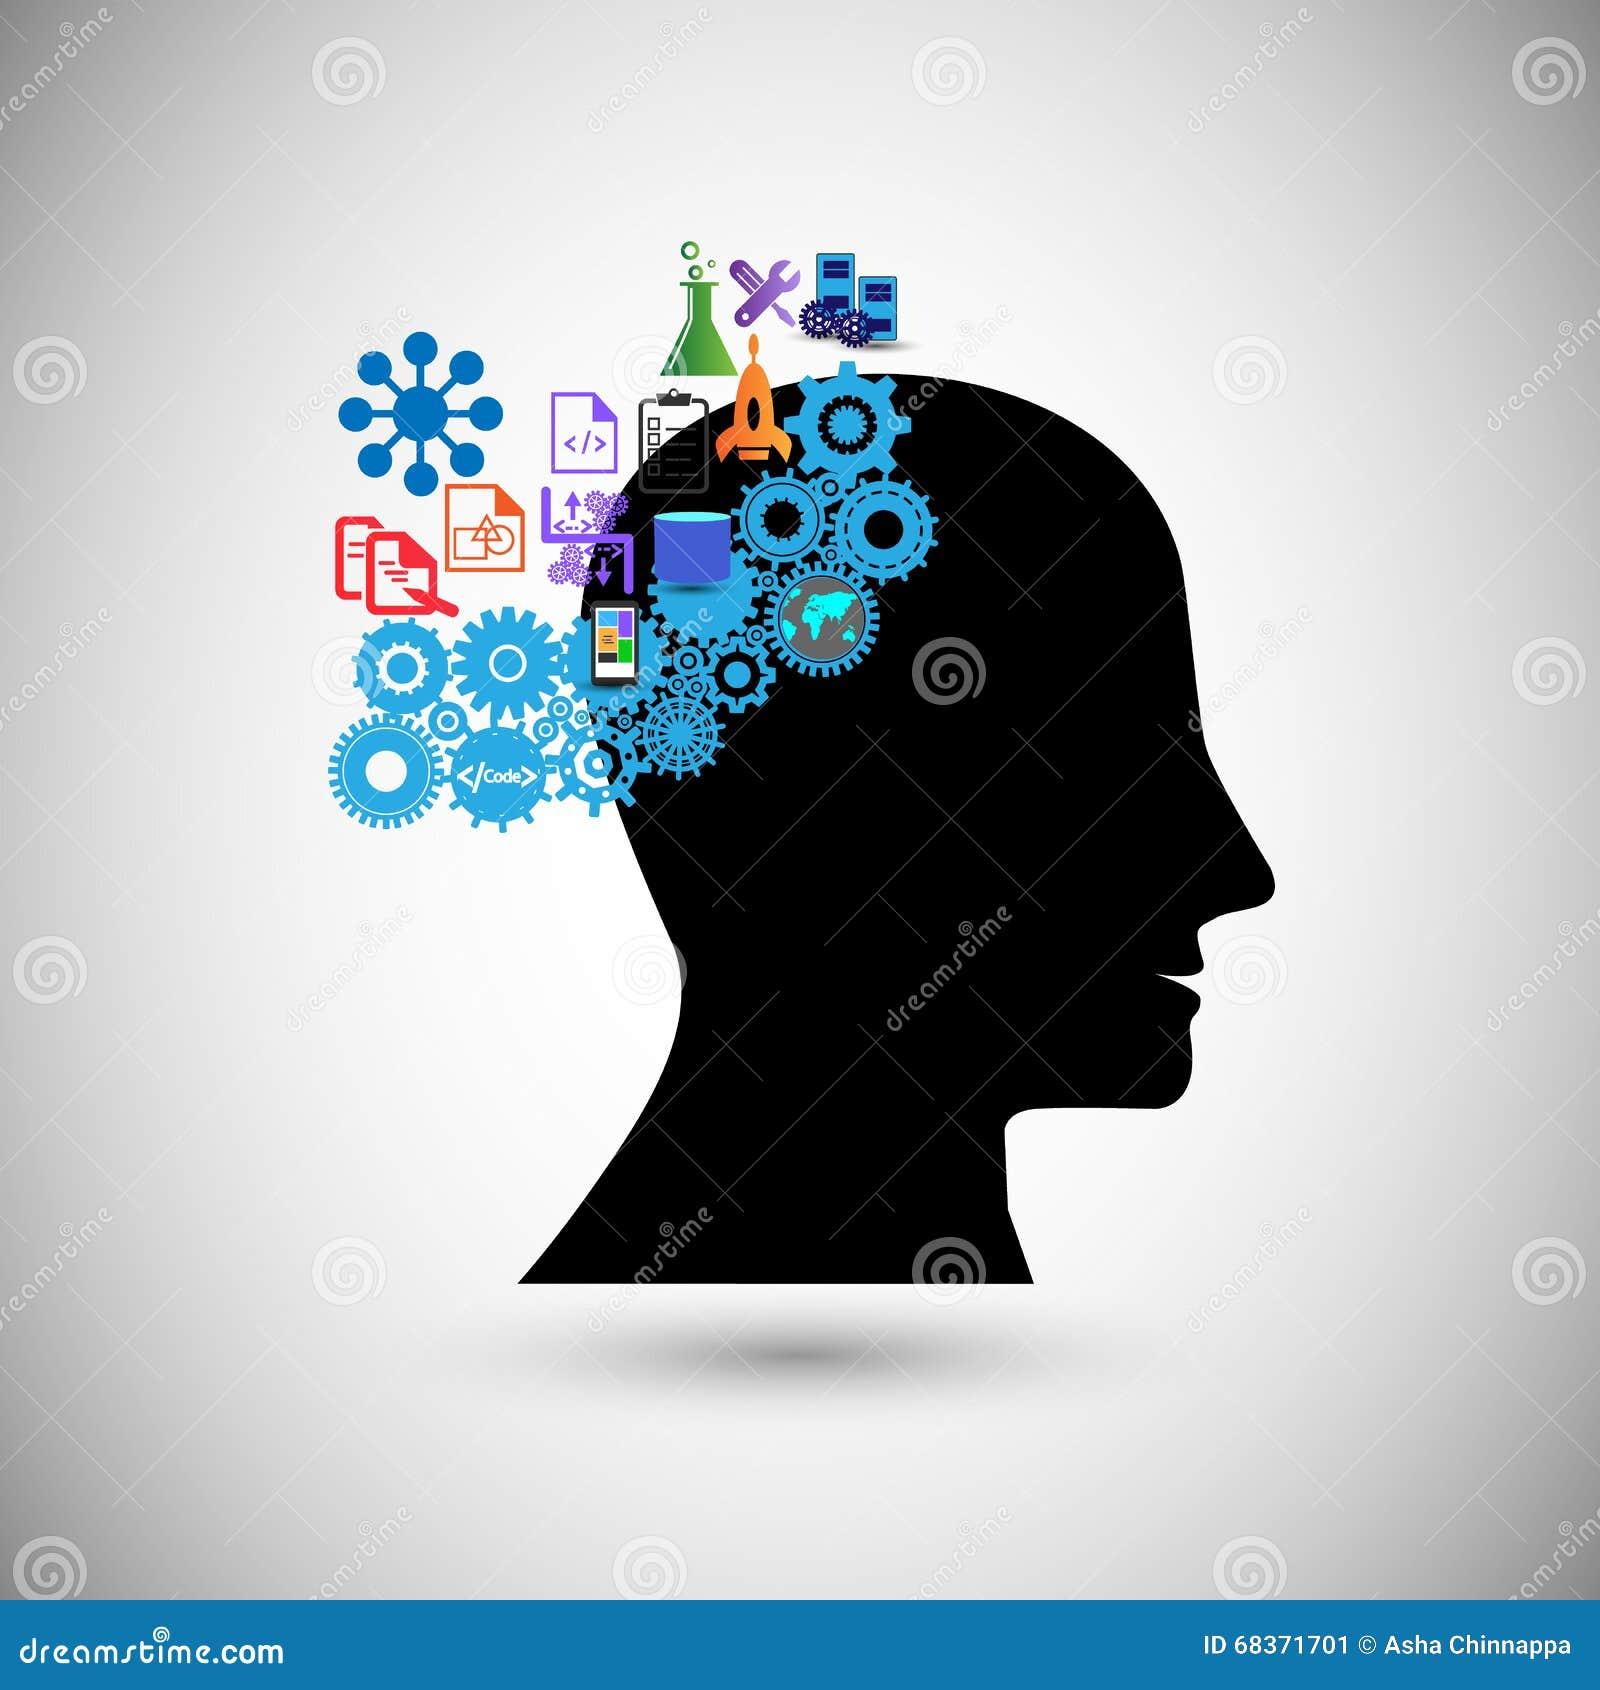 Konzept der menschlichen Intelligenz, das stürmende Gehirn, Gewinnwissen, veranschaulicht auch Konzept des menschlichen Denkens,